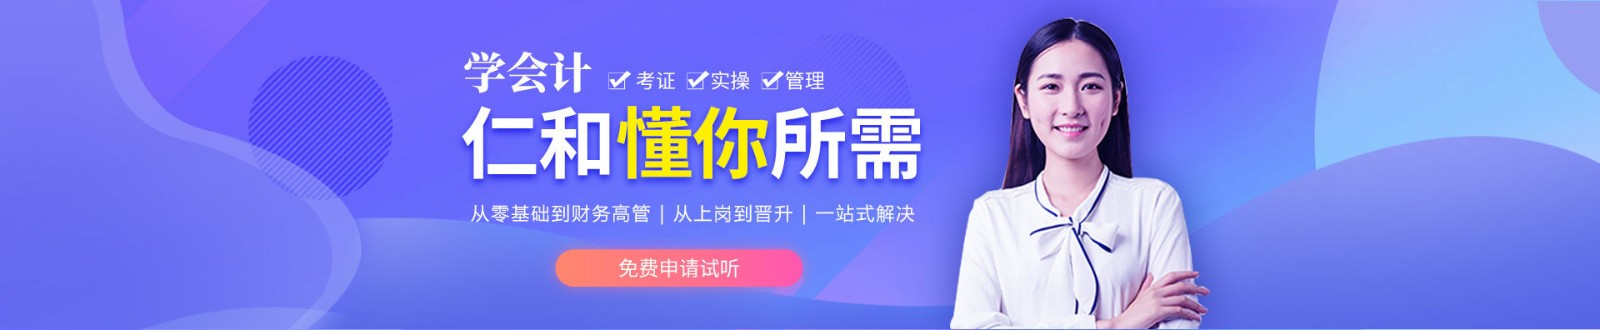 宁波仁和会计betway体育app学校 横幅广告